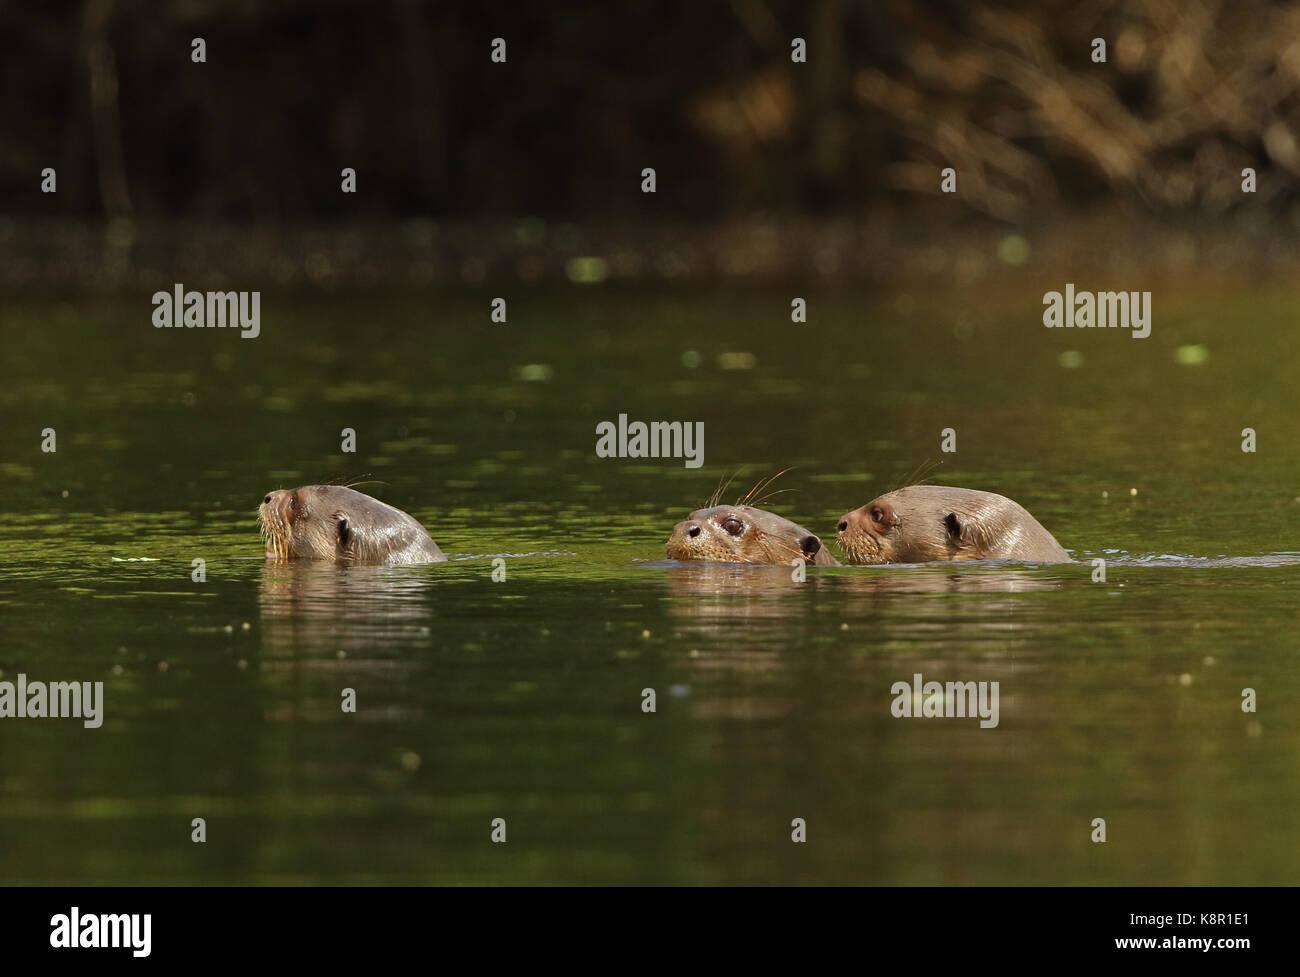 Lontra gigante (Pteronura brasiliensis) tre adulti nuotare nel fiume inirida, colombia novembre Foto Stock